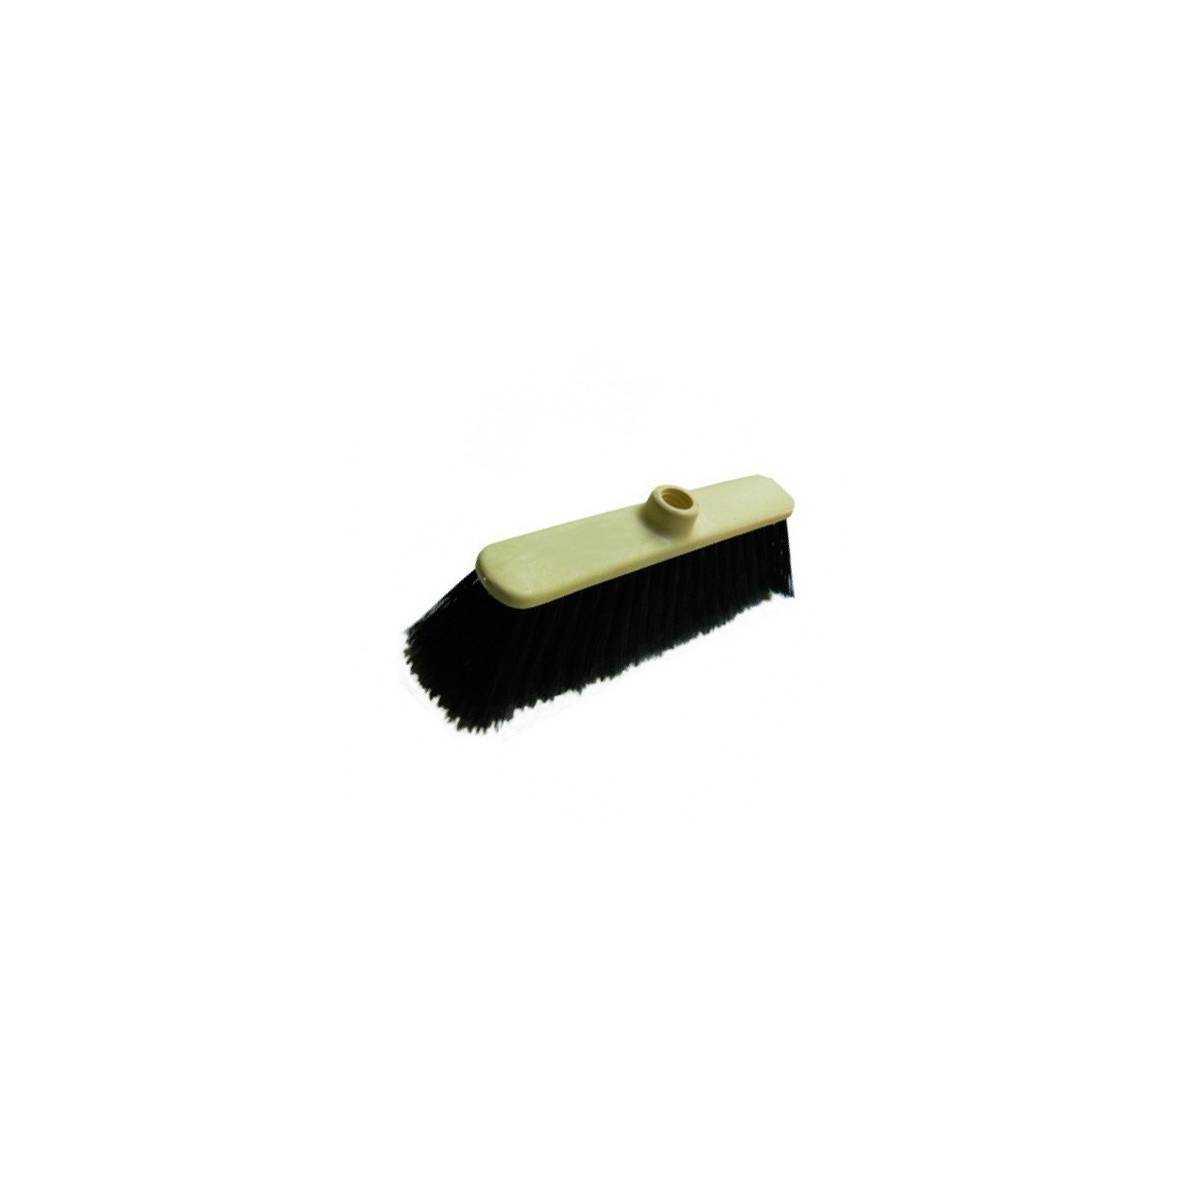 Щетка для пола из поливинилхлорида Indoor 35см 11691 TTS